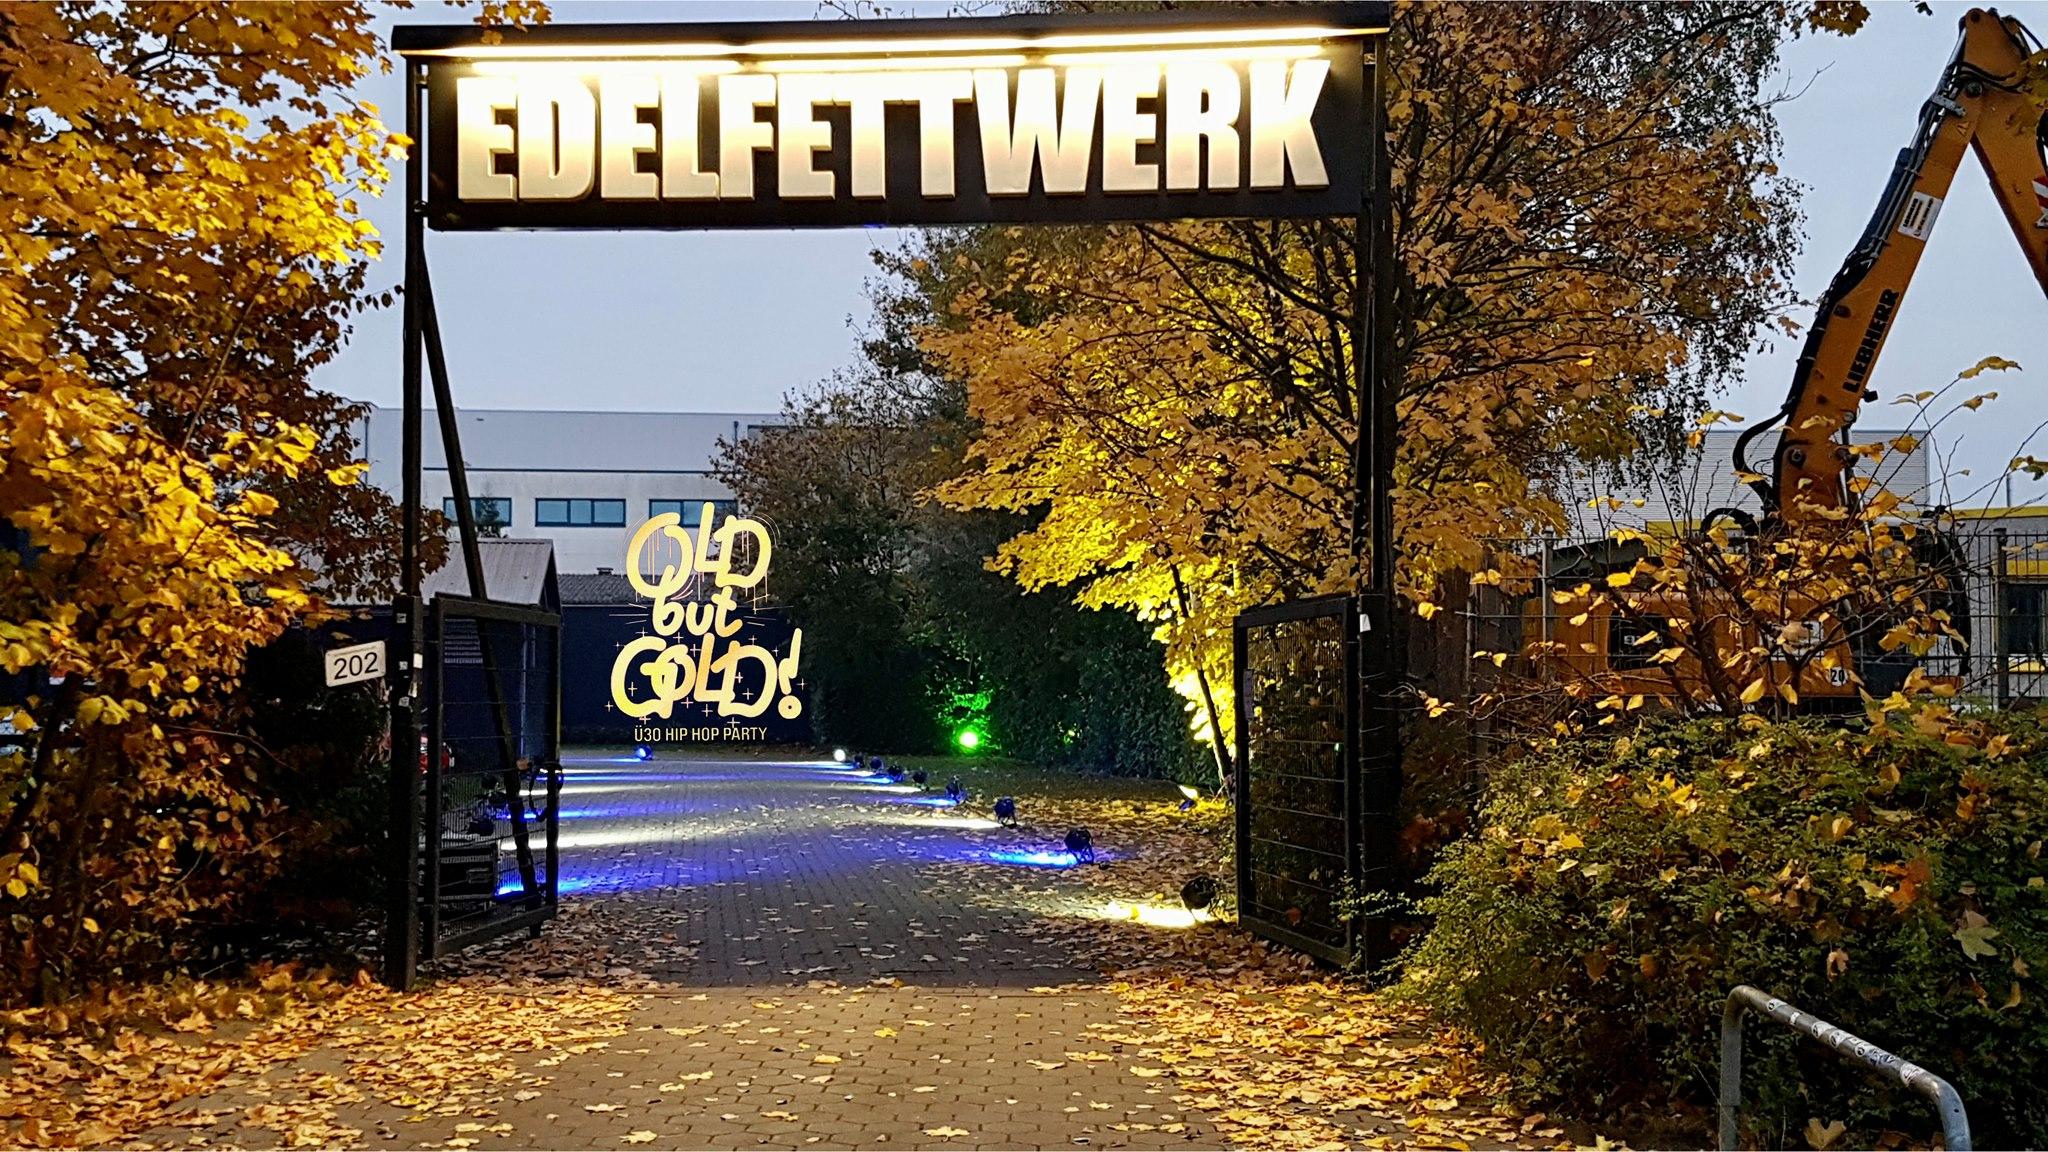 Die Old but Gold Party zieht Open Air ins Edelfettwerk Hamburg.